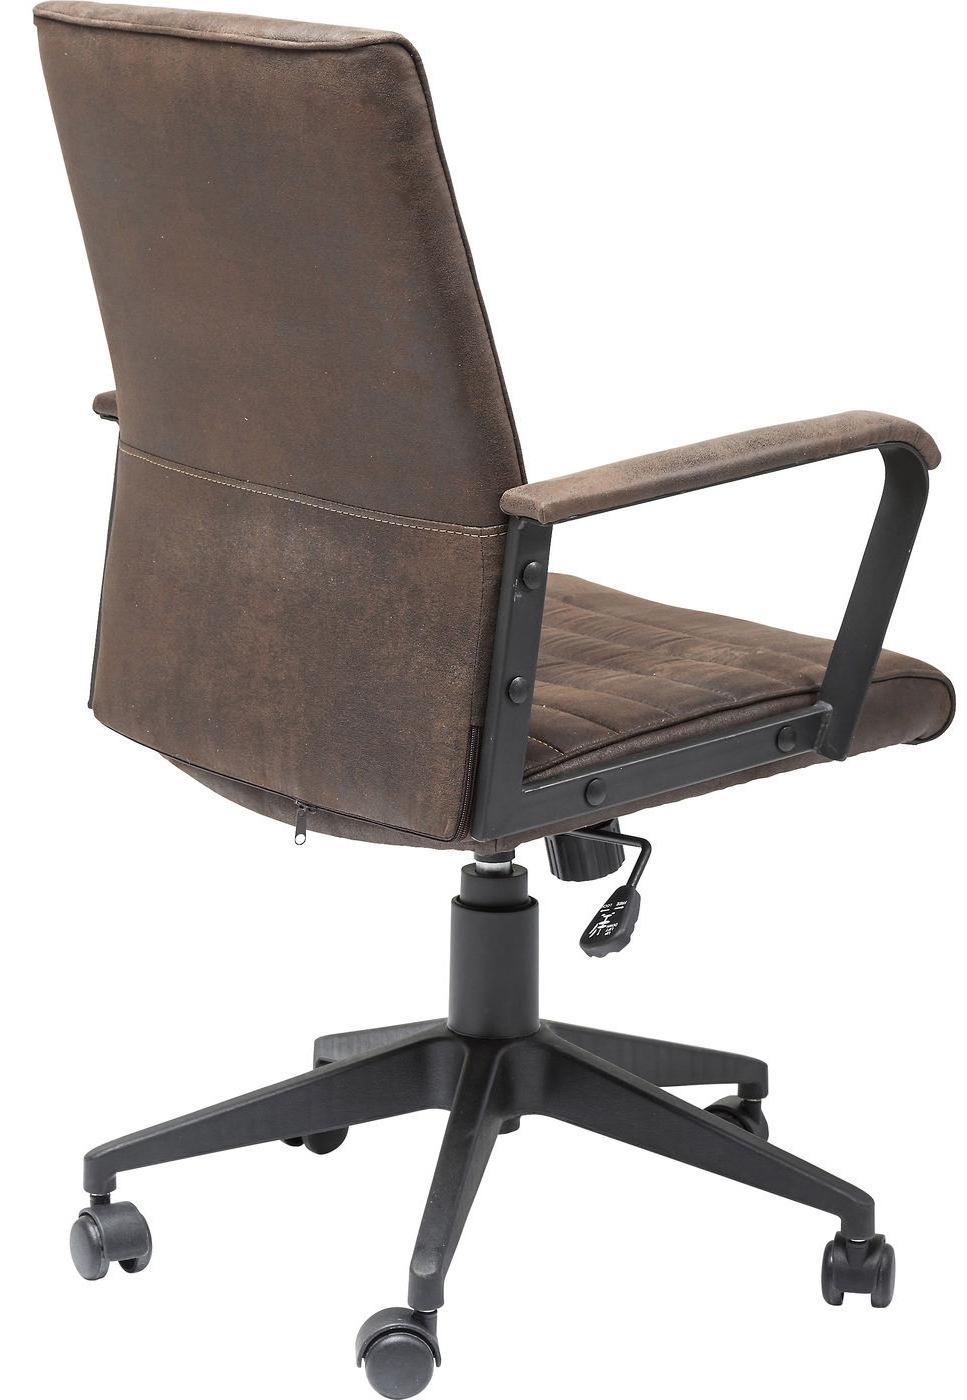 Kare Design Bureaustoel Labora Brown - Bruin